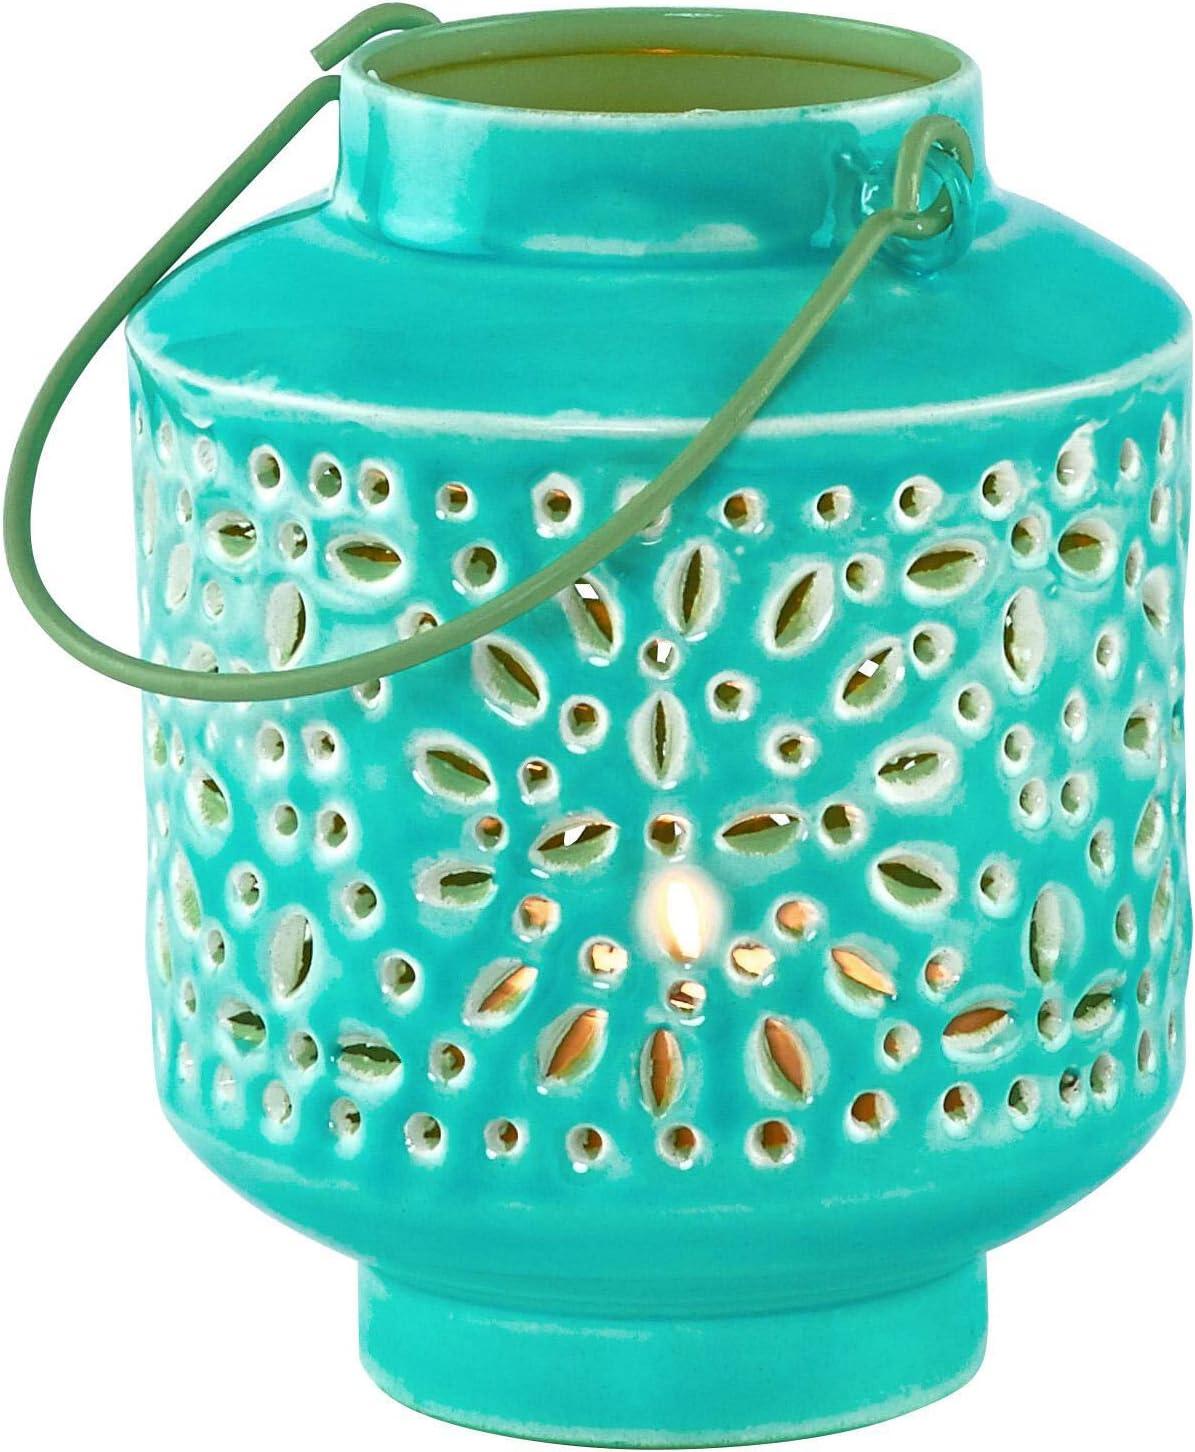 Tuerkis Laterne Butlers Blue MAROCCO Windlicht H/öhe 12,5 cm Orientalisch 12,5cm